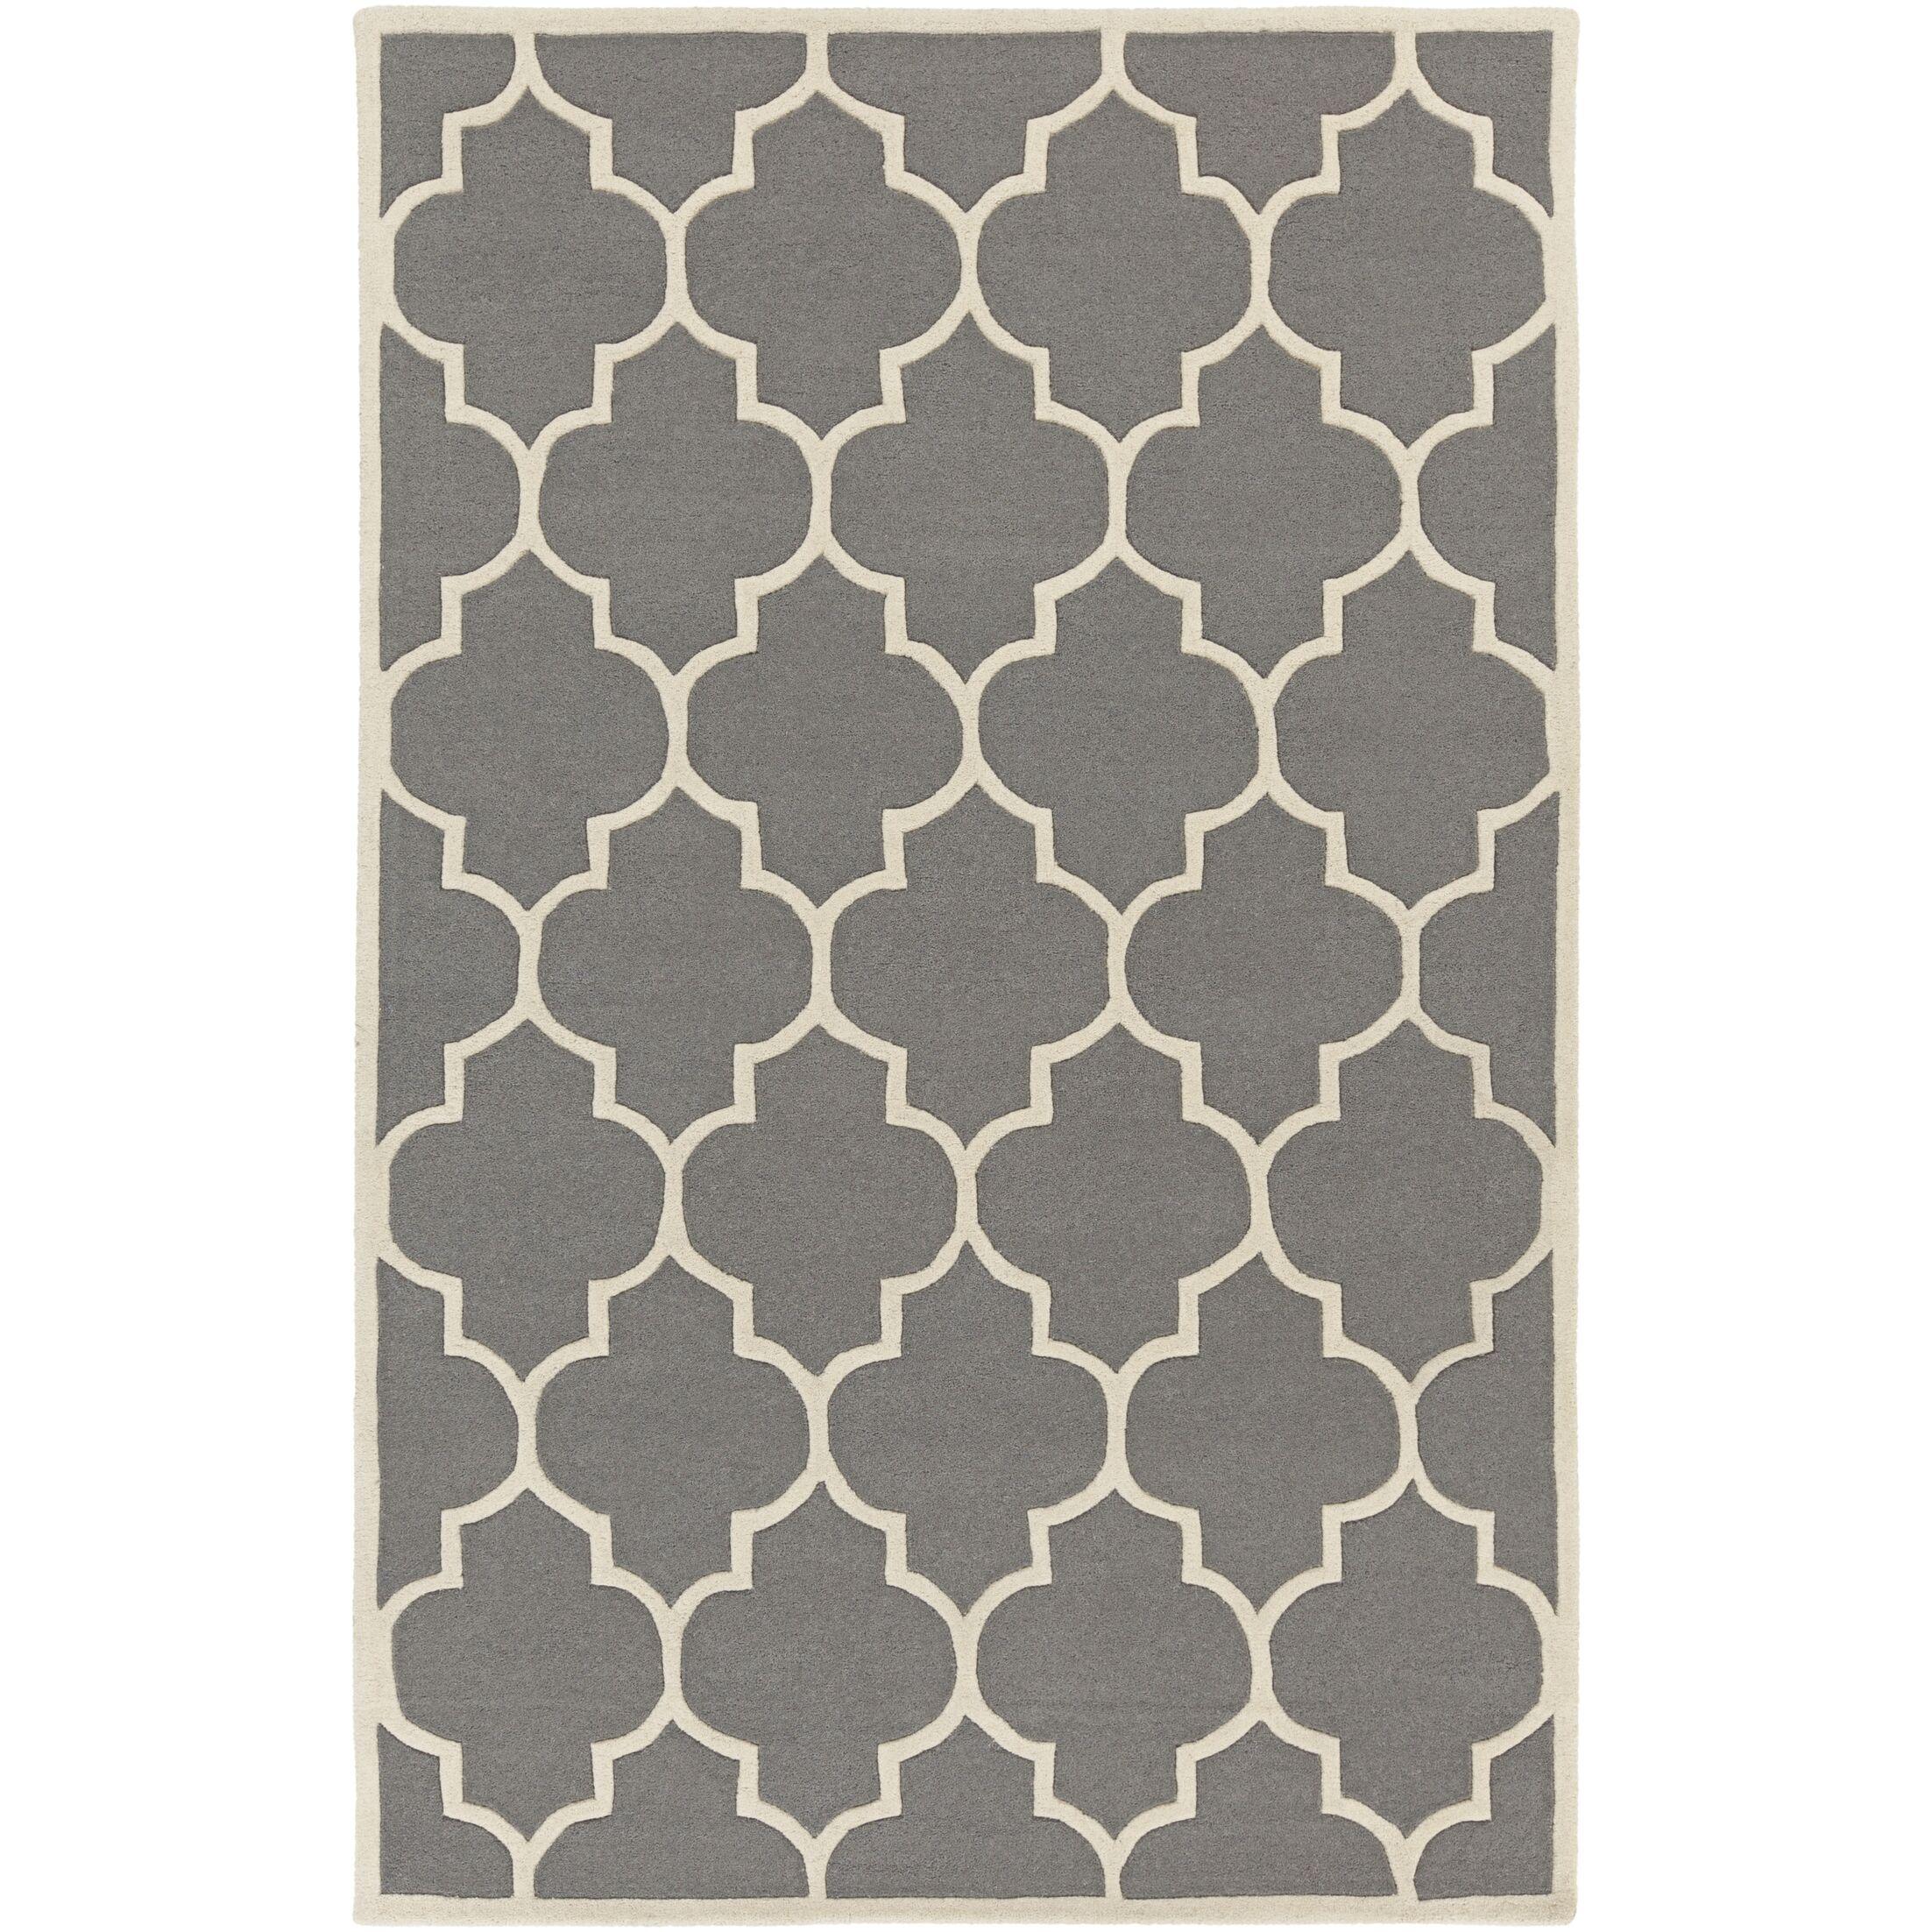 Ayler Charcoal Geometric Area Rug Rug Size: Rectangle 8' x 11'